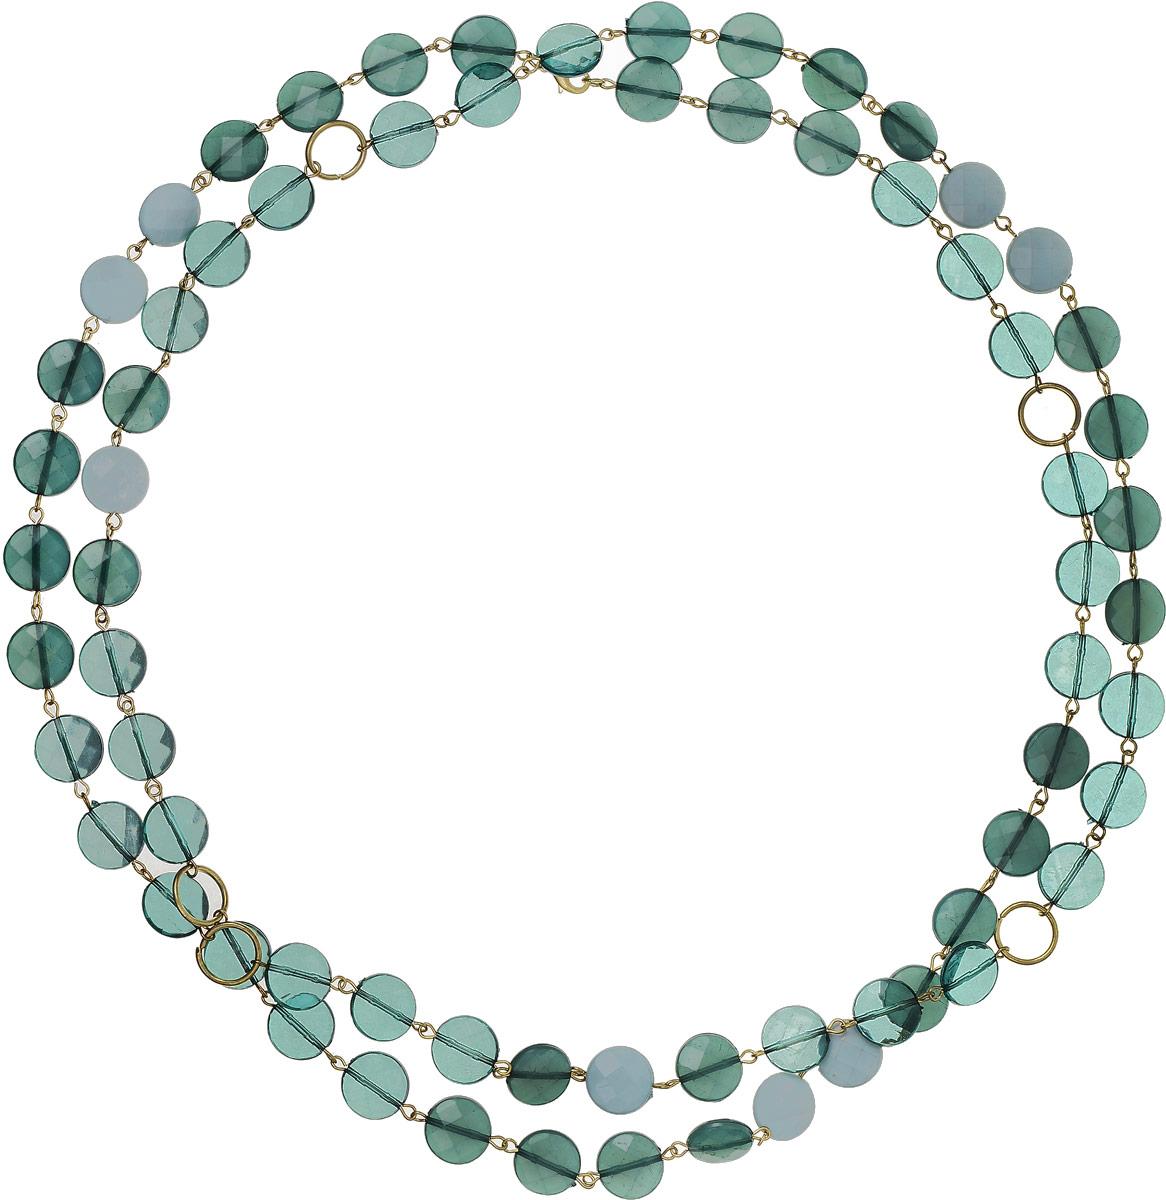 Ожерелье Art-Silver, цвет: зеленый. 25779-38225779-382Ожерелье Art-Silver выполнено из бижутерного сплава и дополнено полимерными бусинами. Модель без замка.